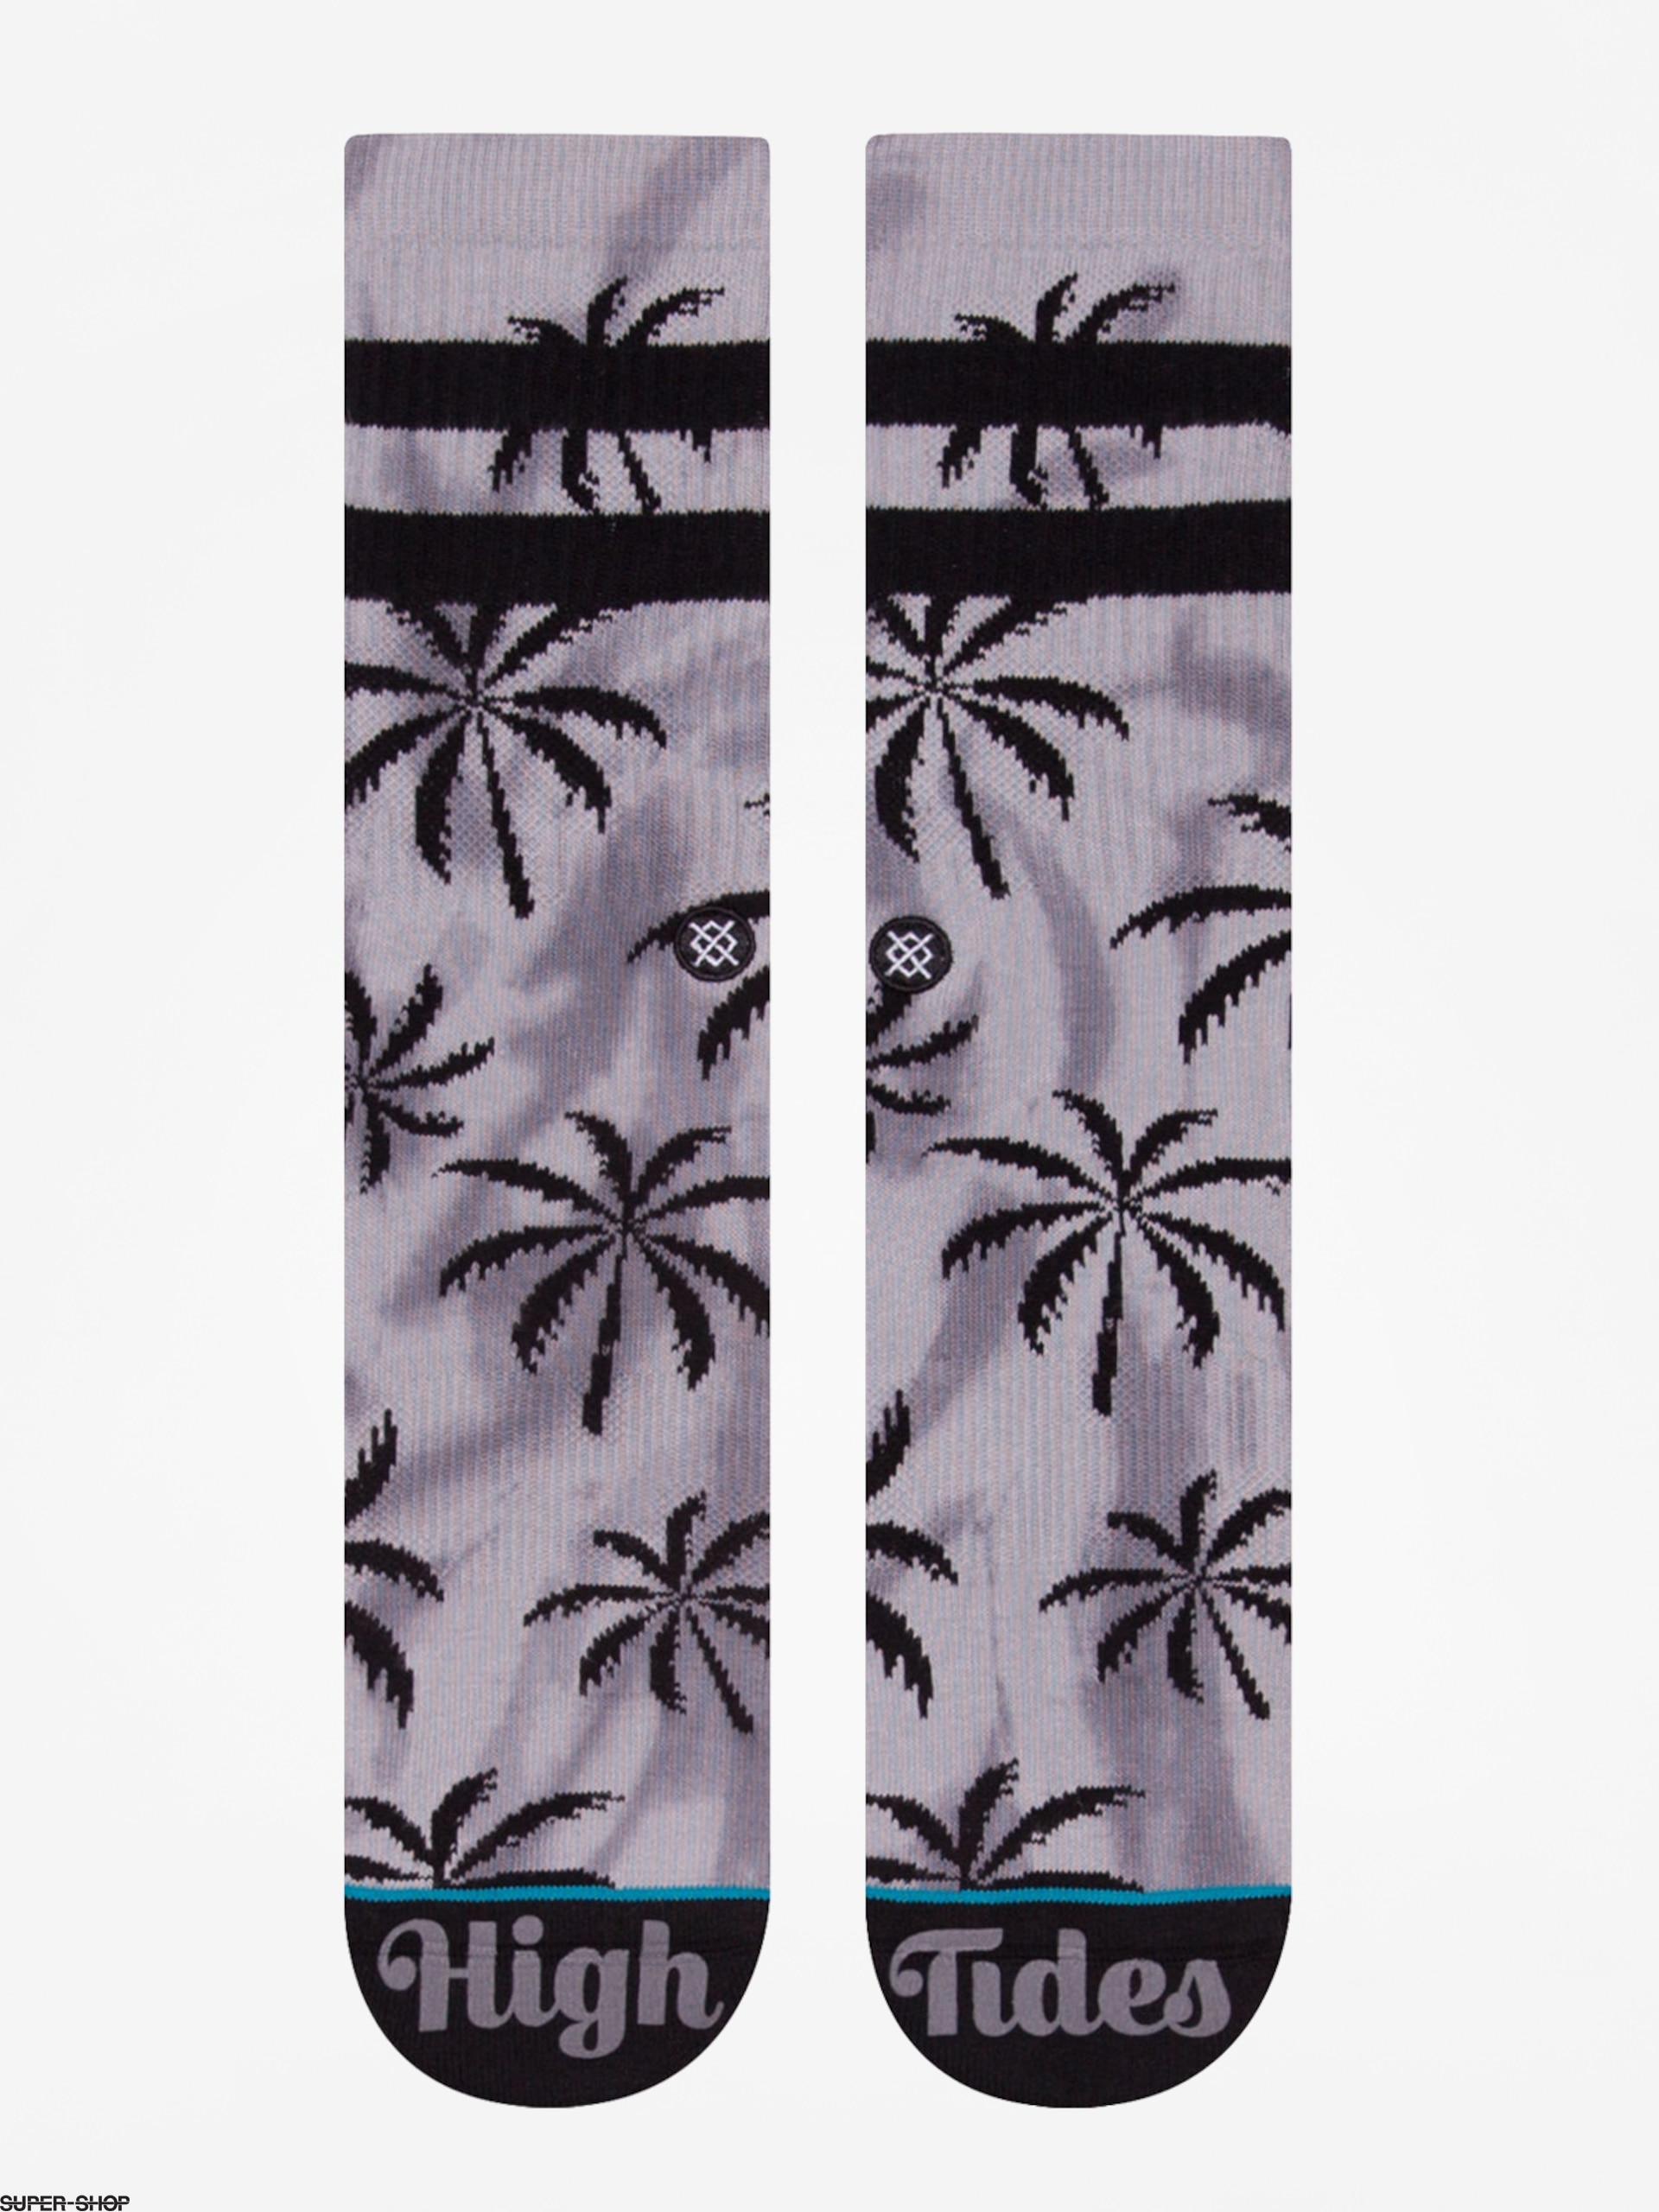 STANCE HIGH TIDES Socken black